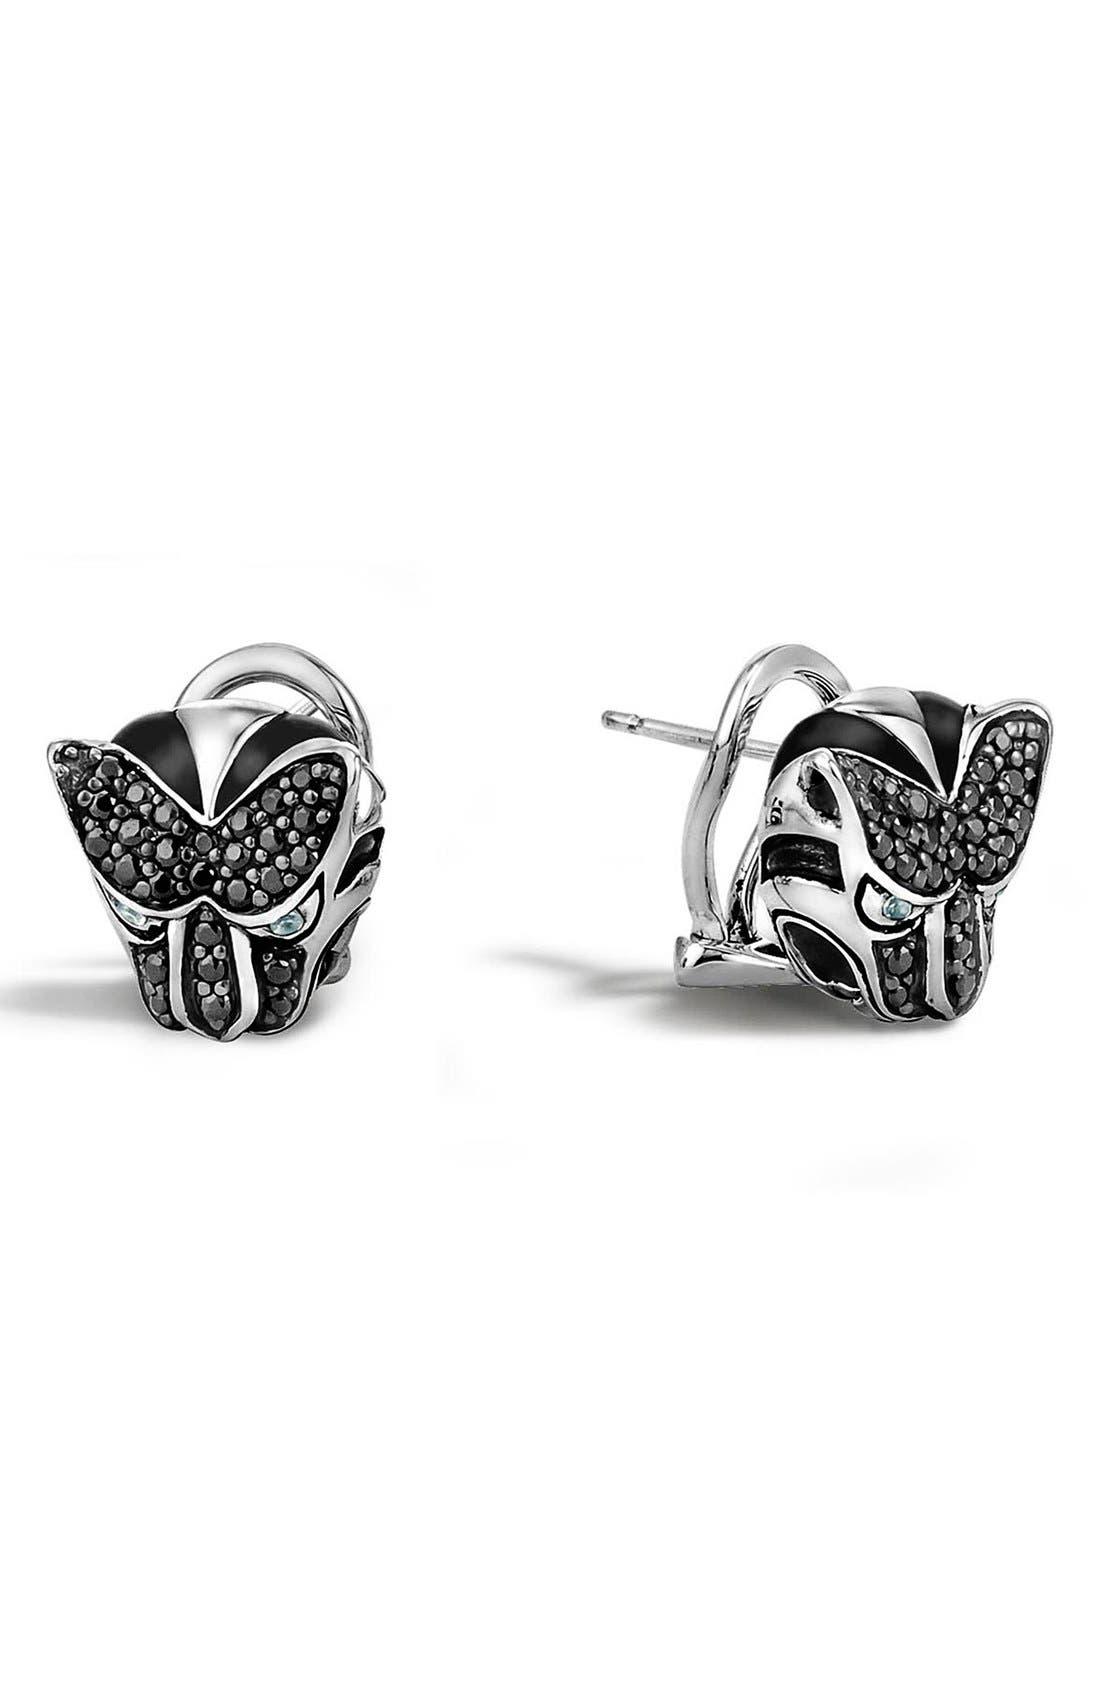 John Hardy 'Legends' Stud Earrings